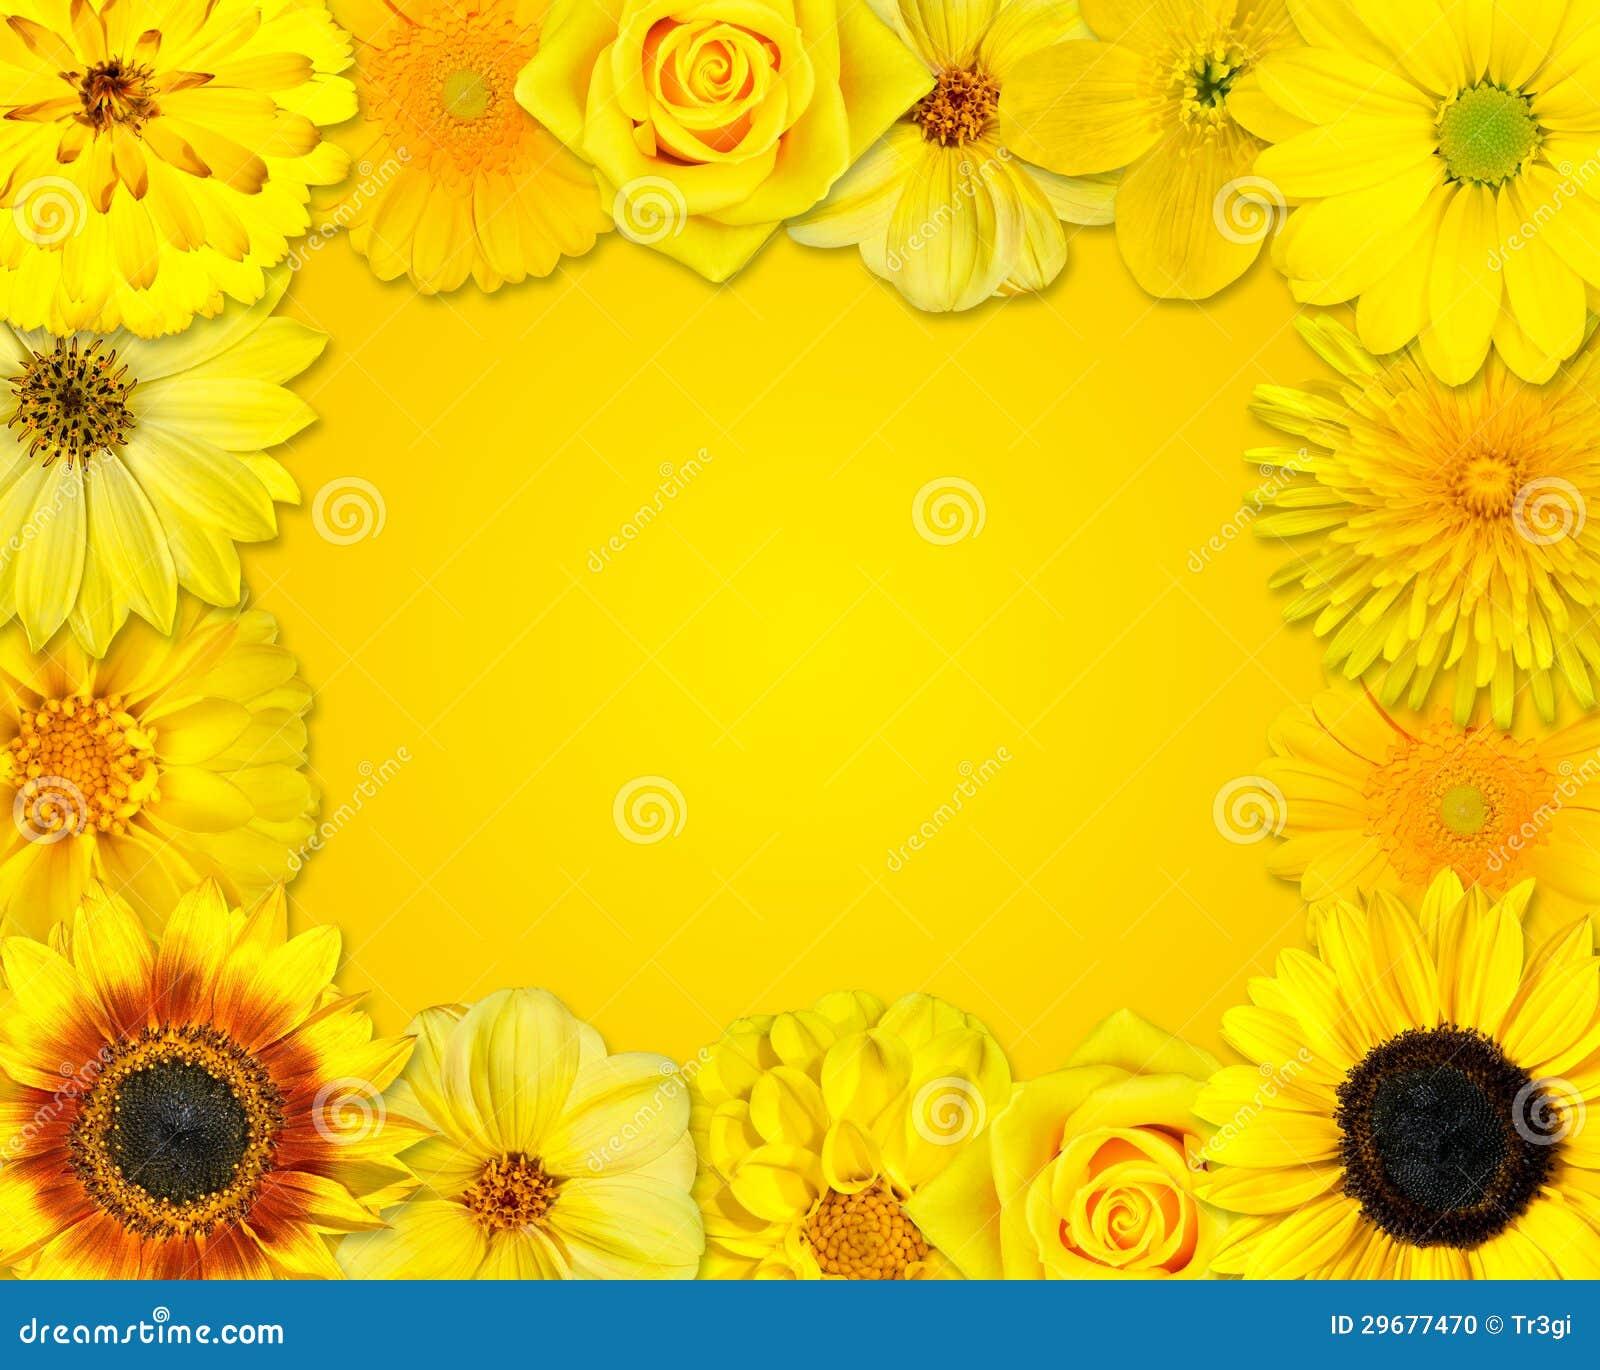 Marco De La Flor Con Las Flores Amarillas En Fondo